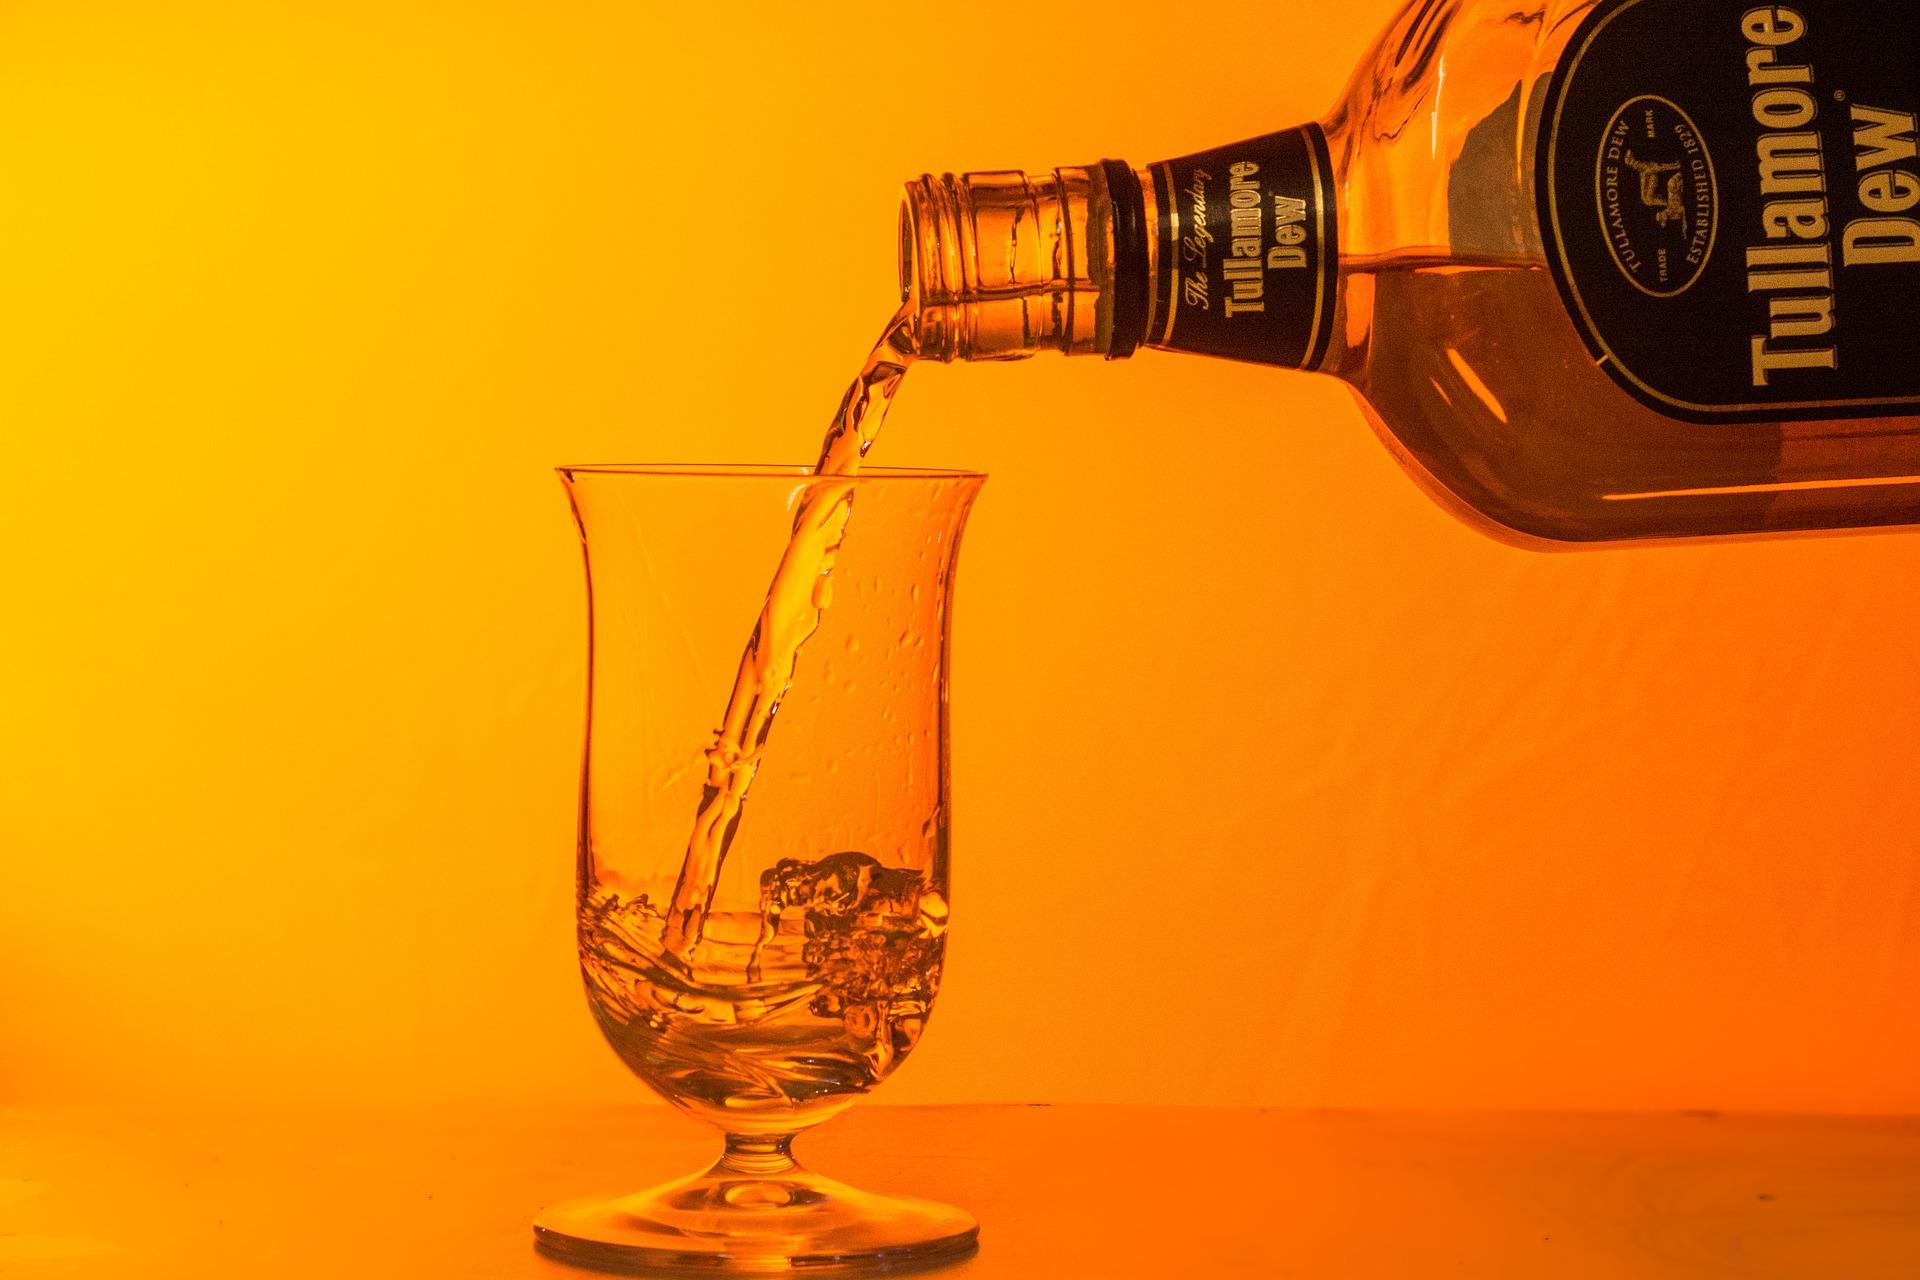 Come degustare il whisky dai bicchieri agli abbinamenti con il cibo 2